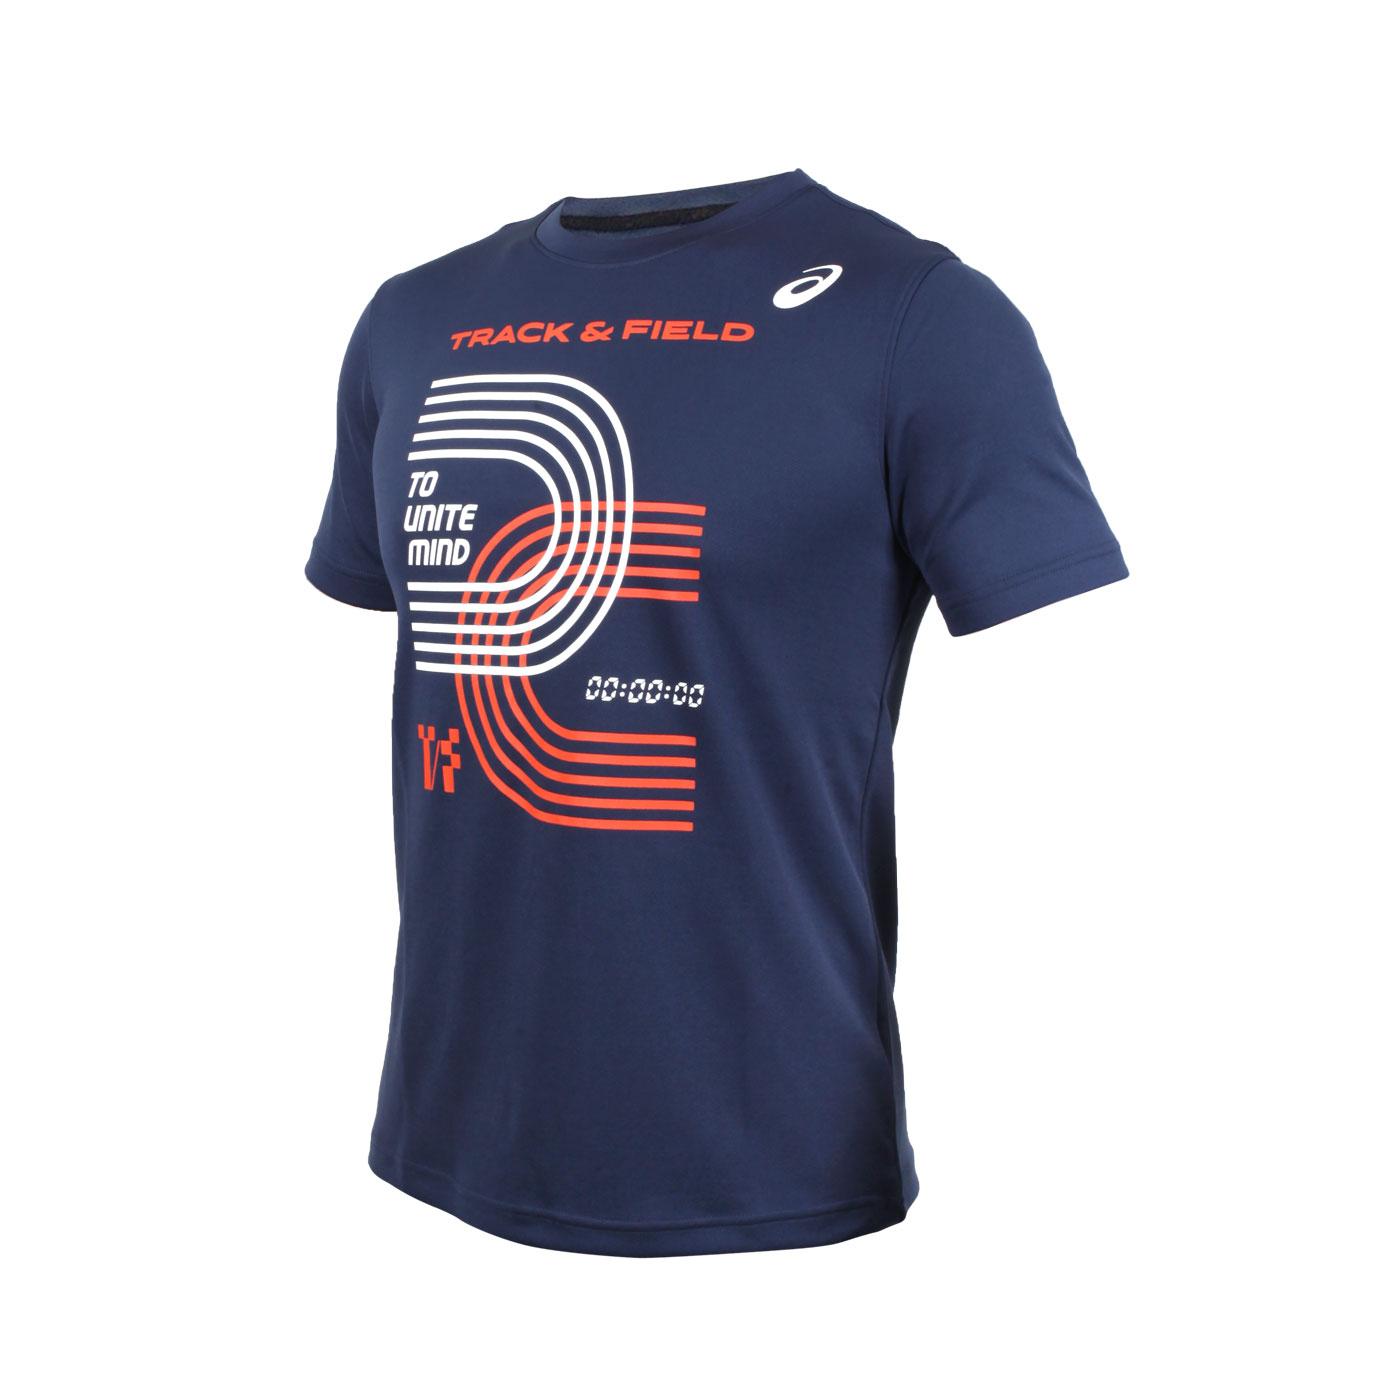 ASICS 男款短袖T恤 2093A128-400 - 丈青白橘